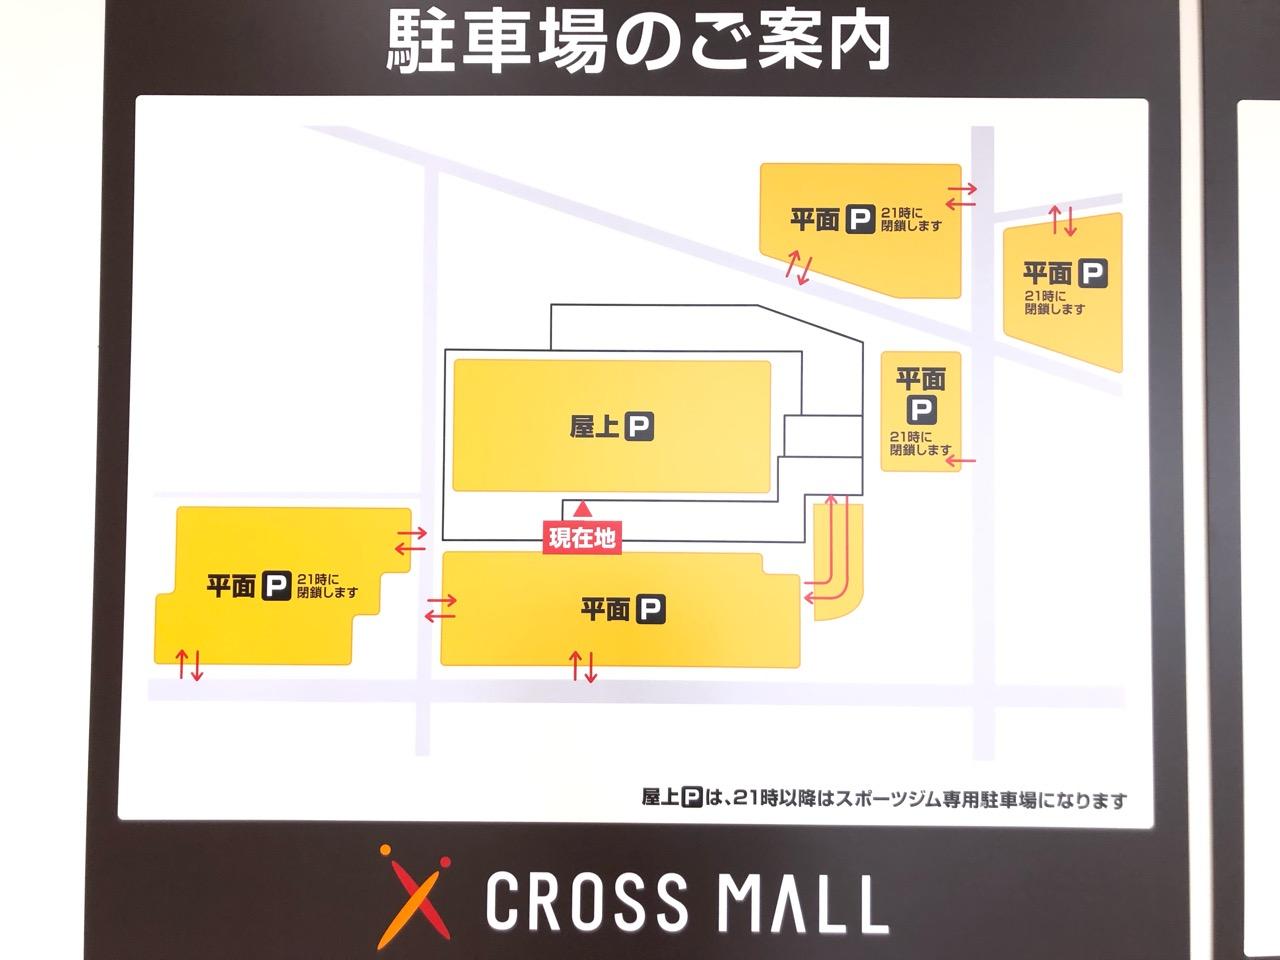 2019年10月11日オープンのクロスモール豊田陣中の駐車場